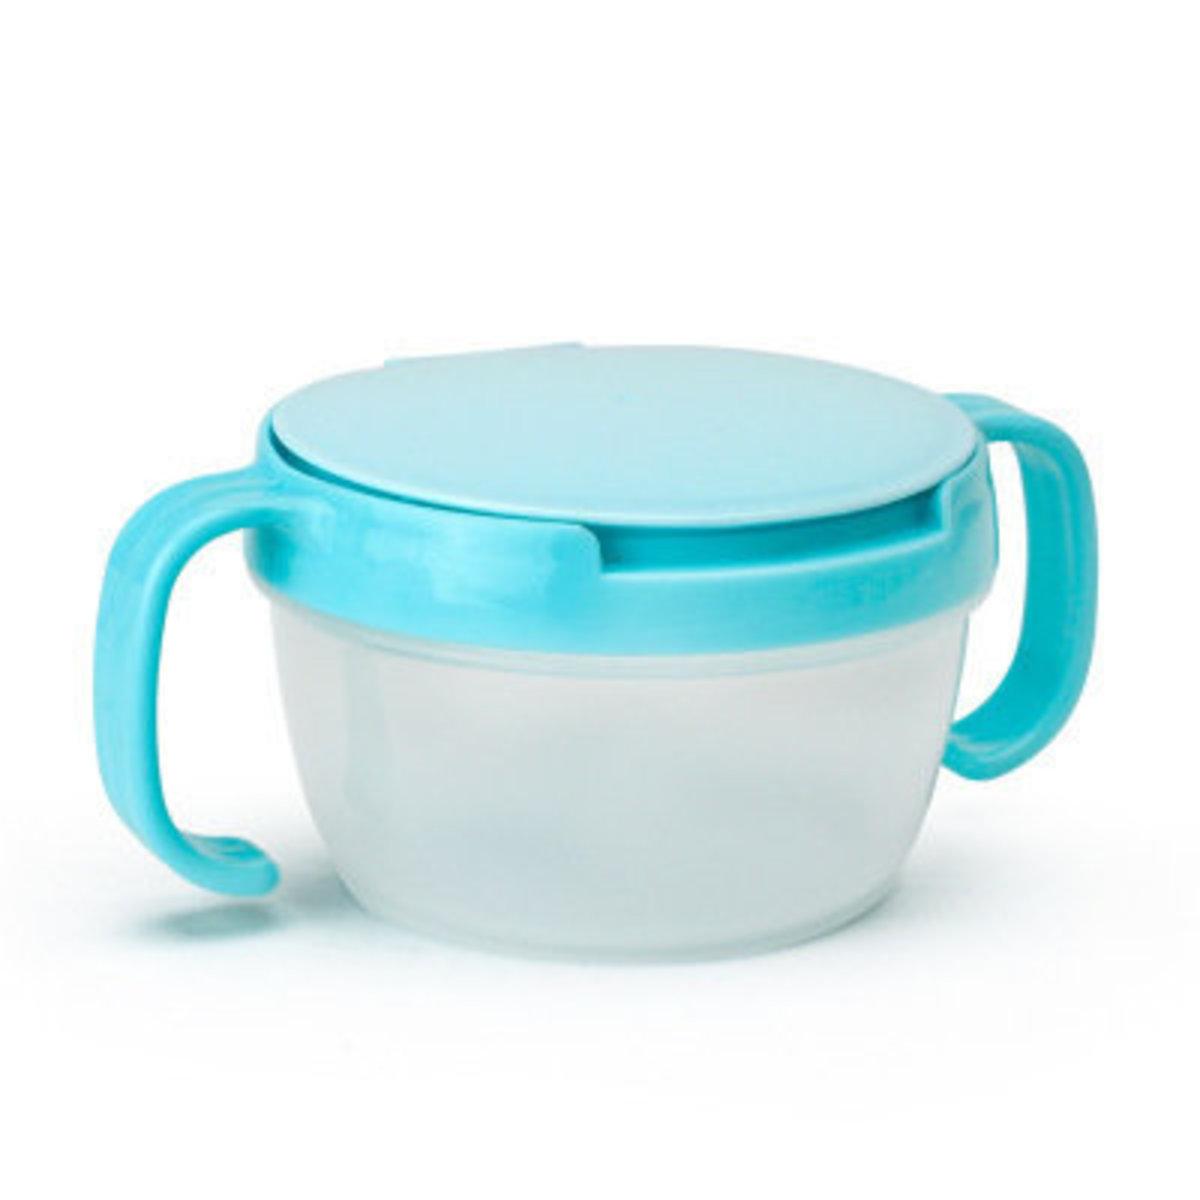 嬰兒防漏零食杯 (藍色)